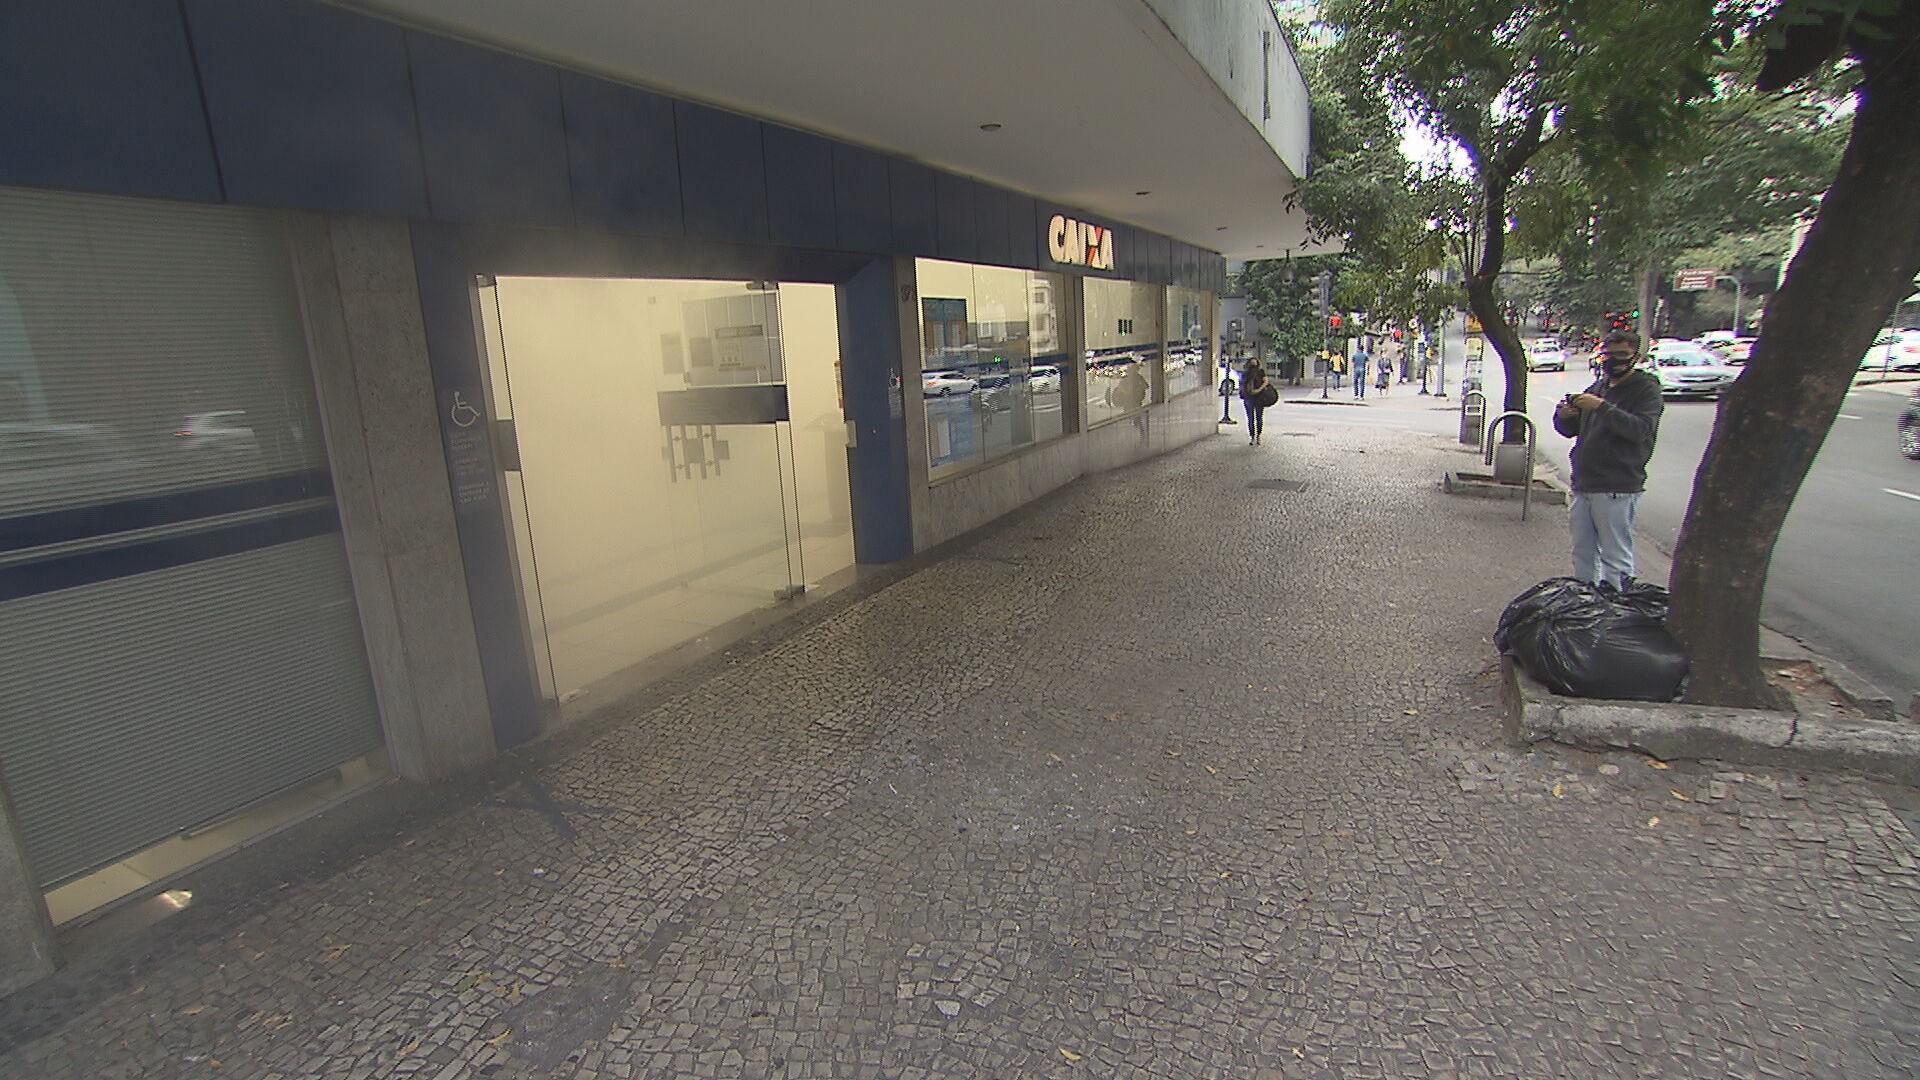 Fumaça em agência bancária assusta pedestres em BH; VÍDEO